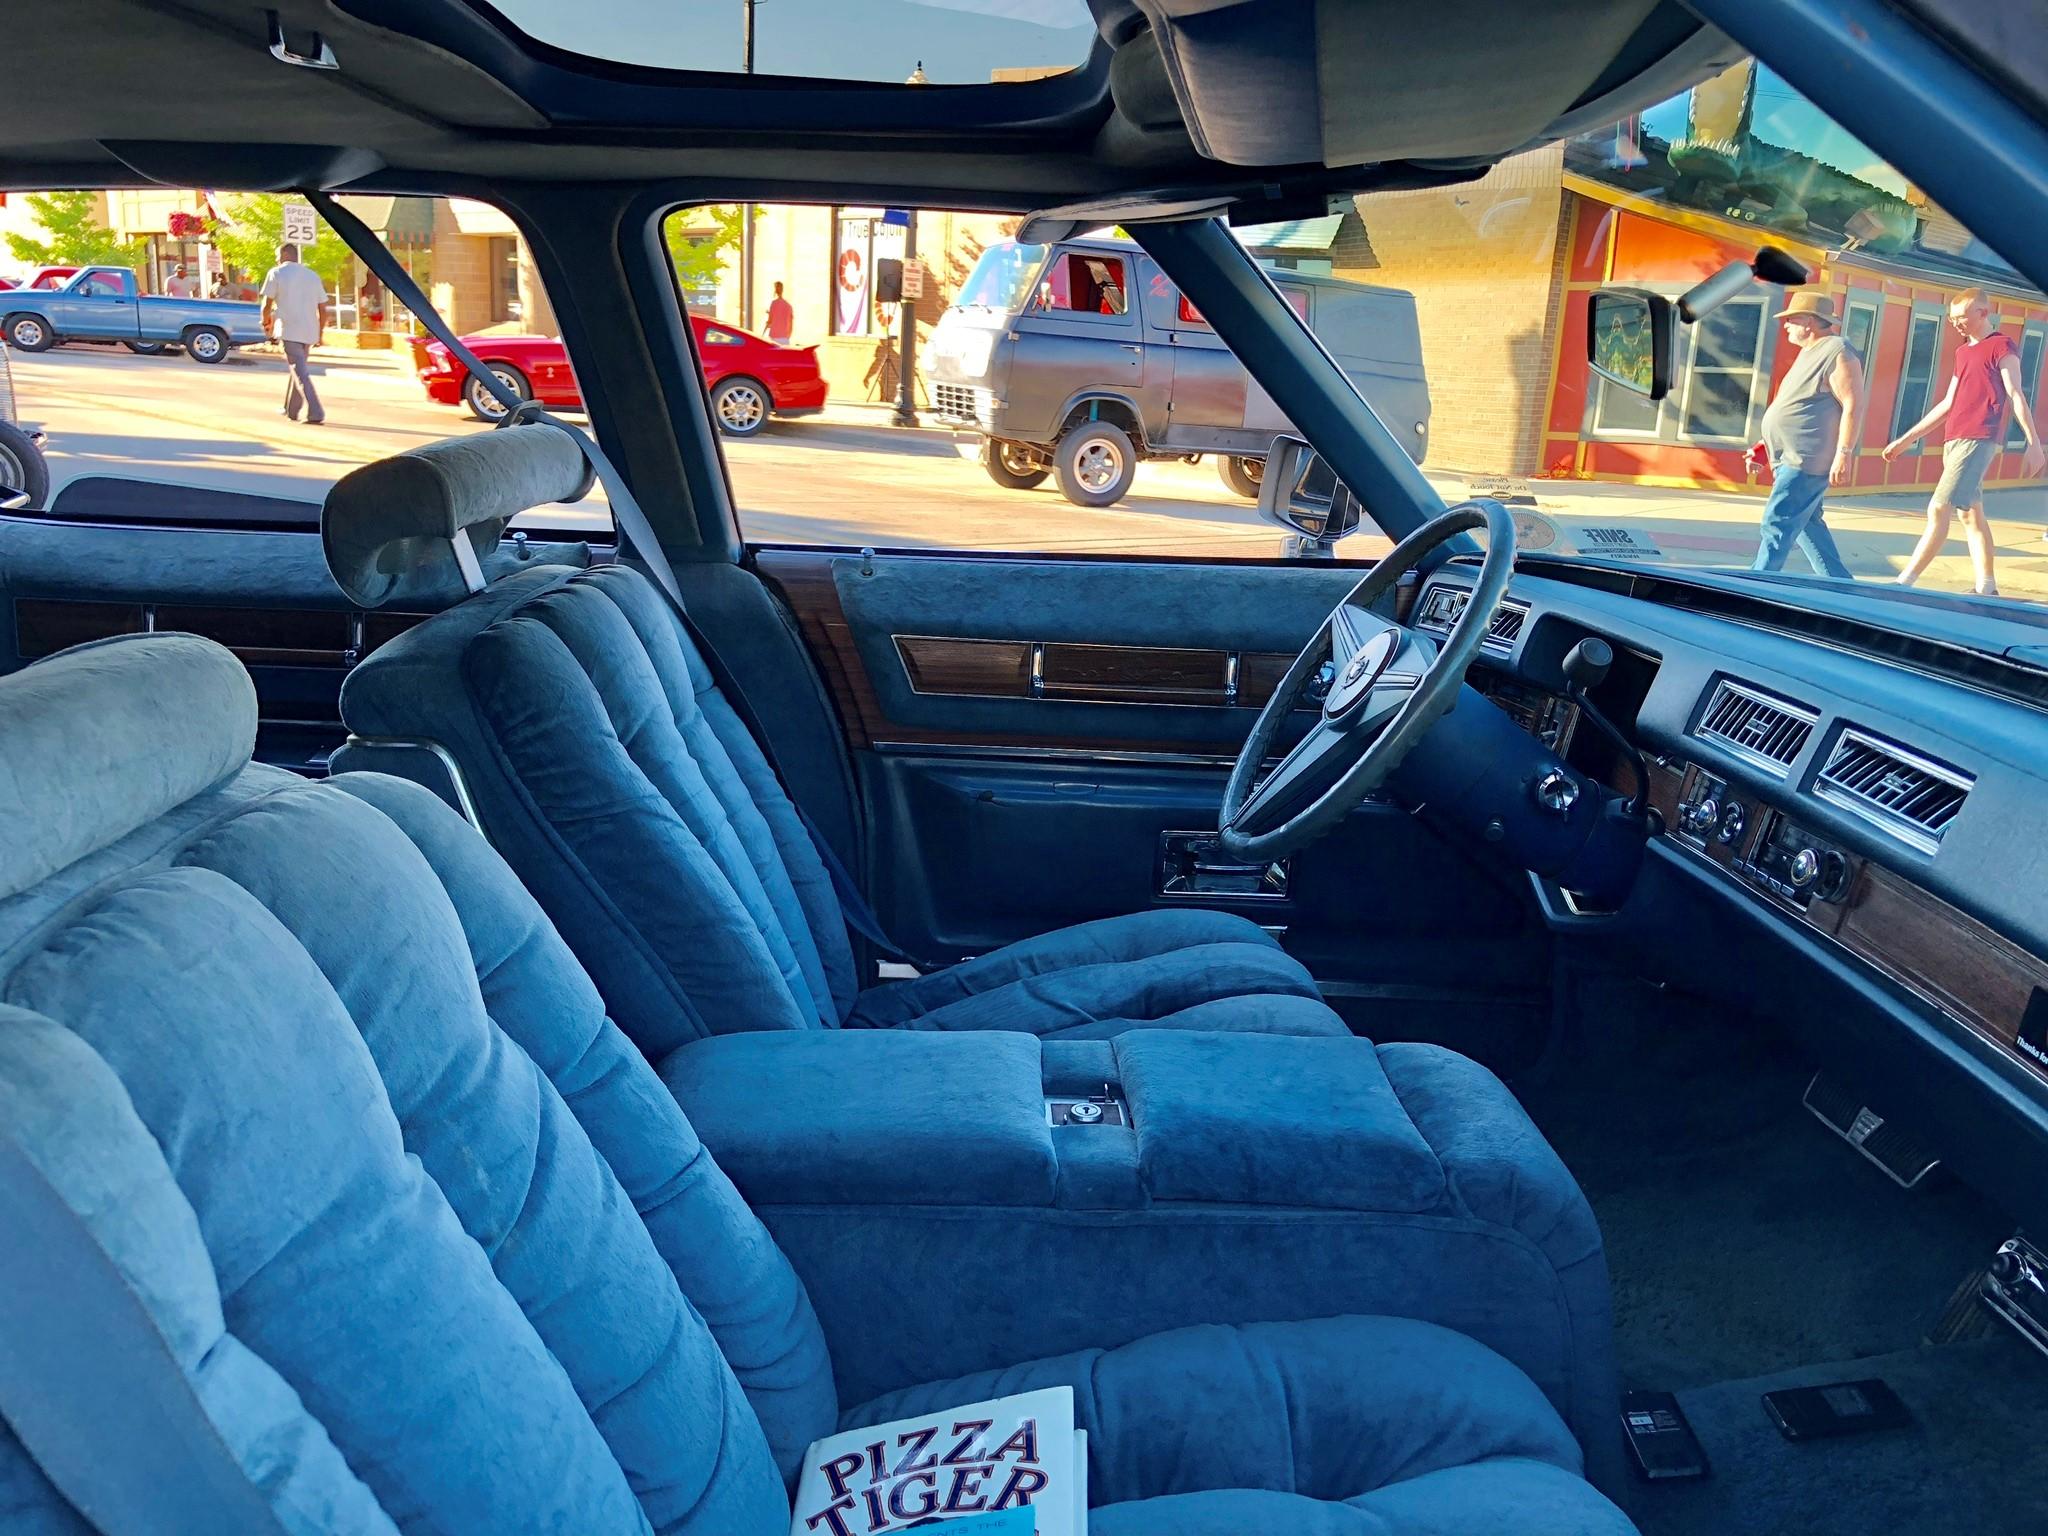 1976 Cadillac Fleetwood Talisman interior